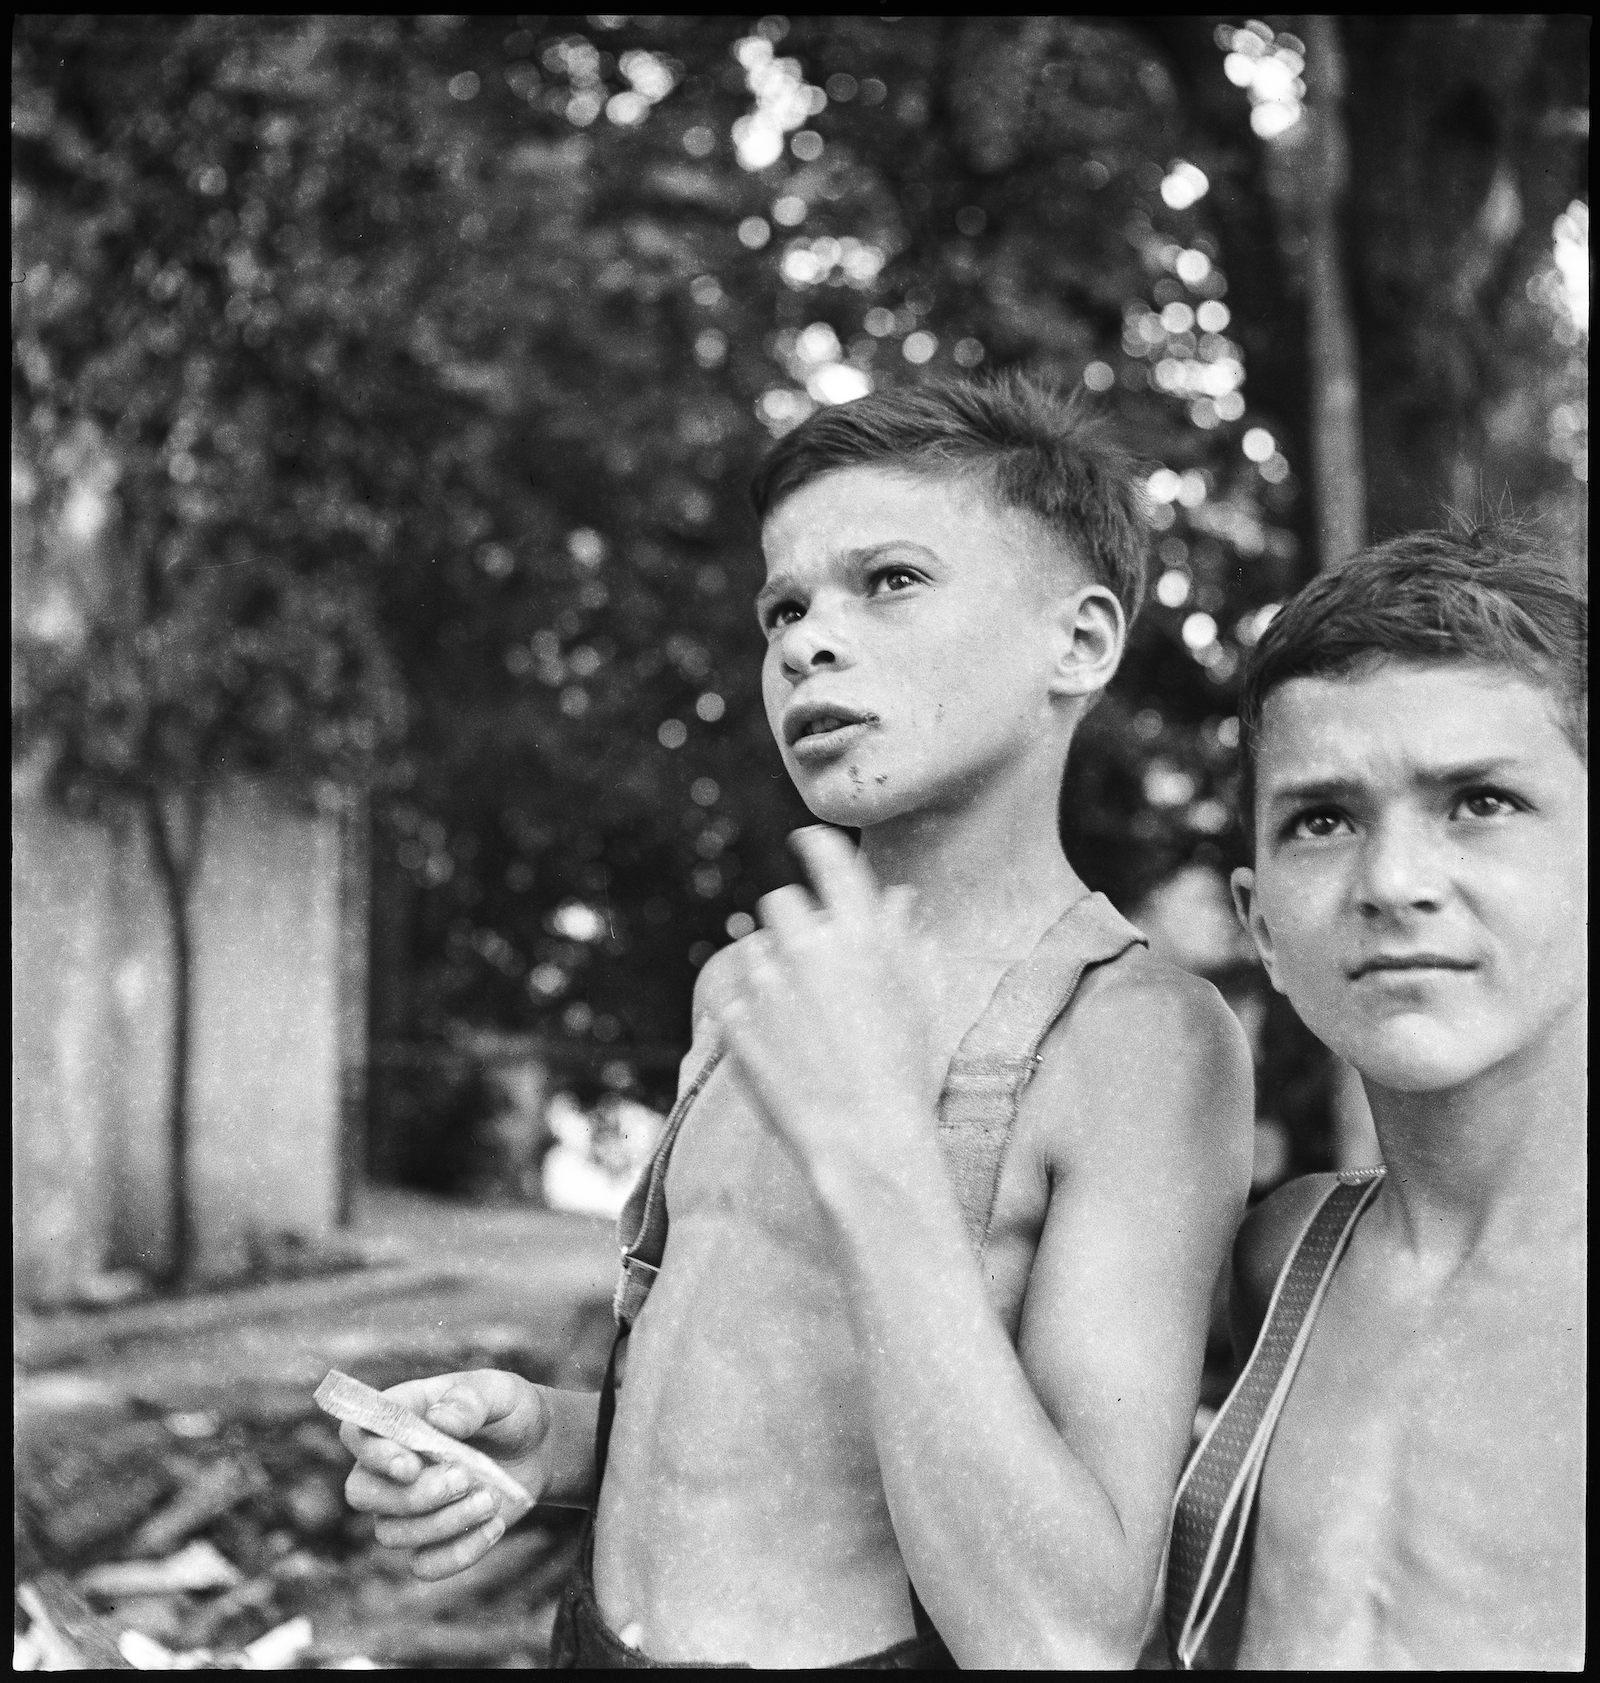 Ausgemergelte Heimkinder im Zweiten Weltkrieg.